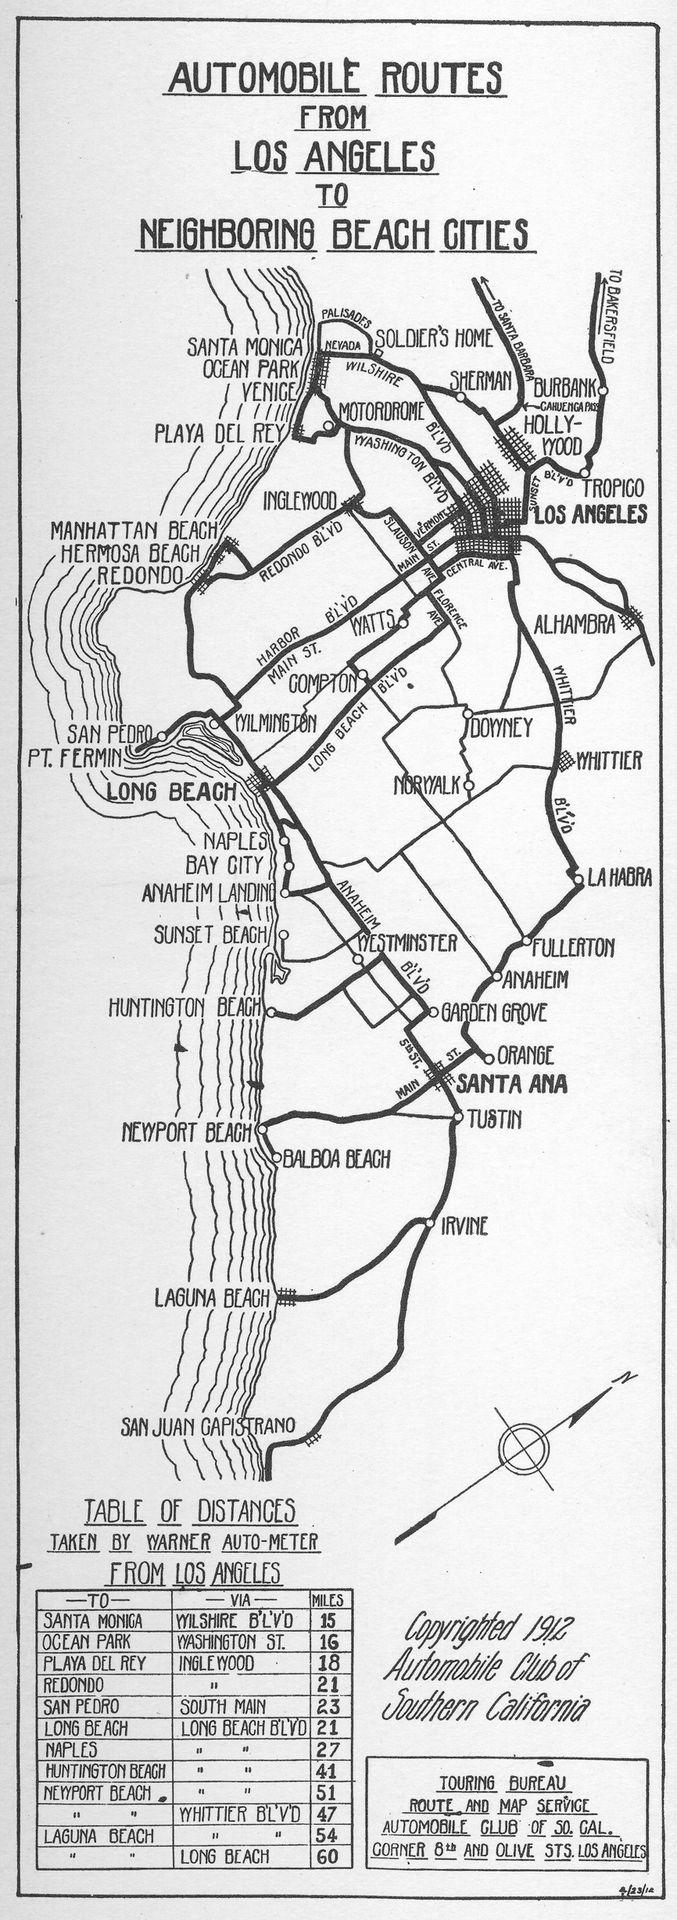 Die Besten California City Map Ideen Auf Pinterest Karte Von - Southern california city map